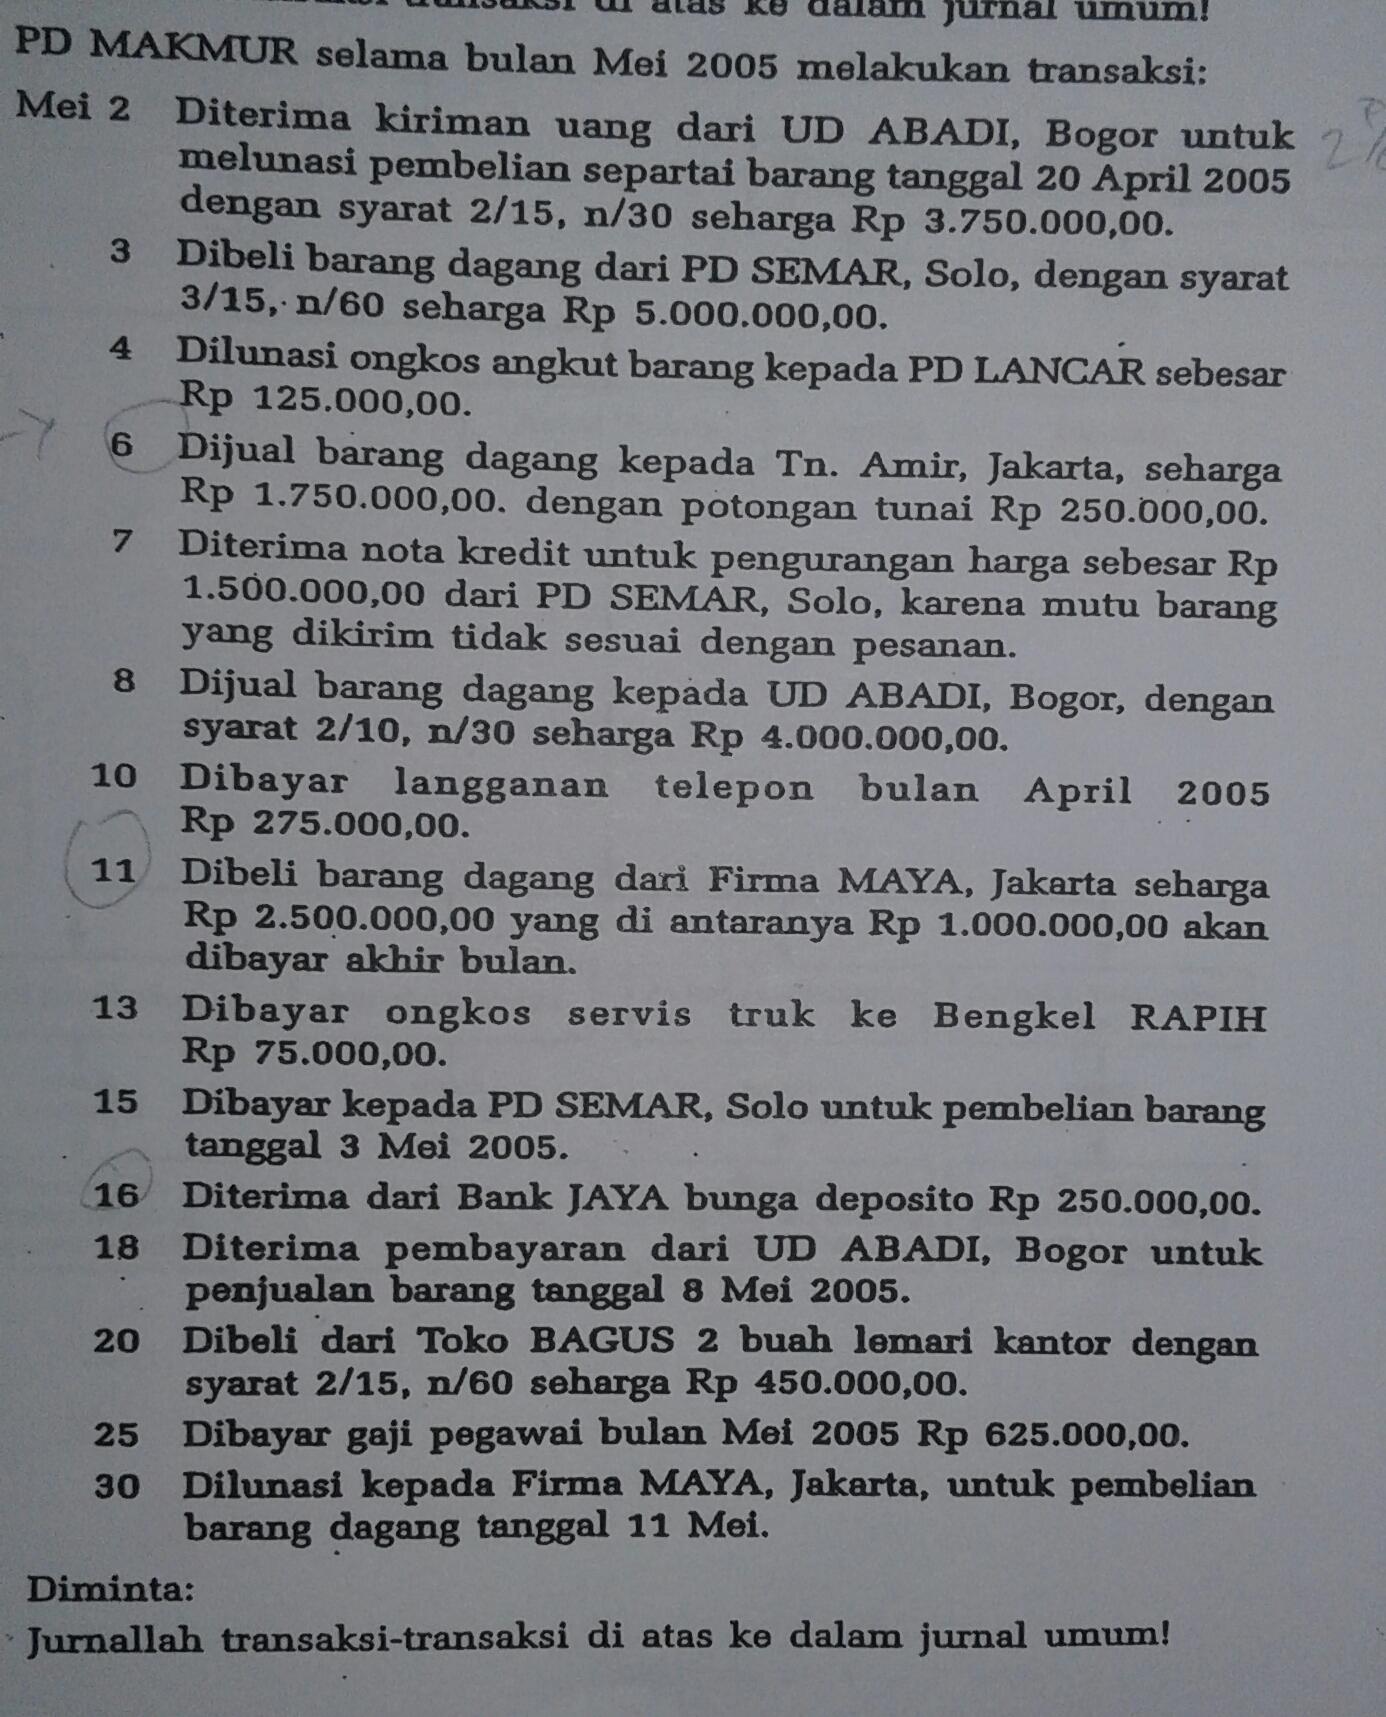 Transaksi Pd Makmur Selama Mei 2005 Tanggal 6 Dijual Barang Dagang Kepada Tn Amir Jakarta Brainly Co Id